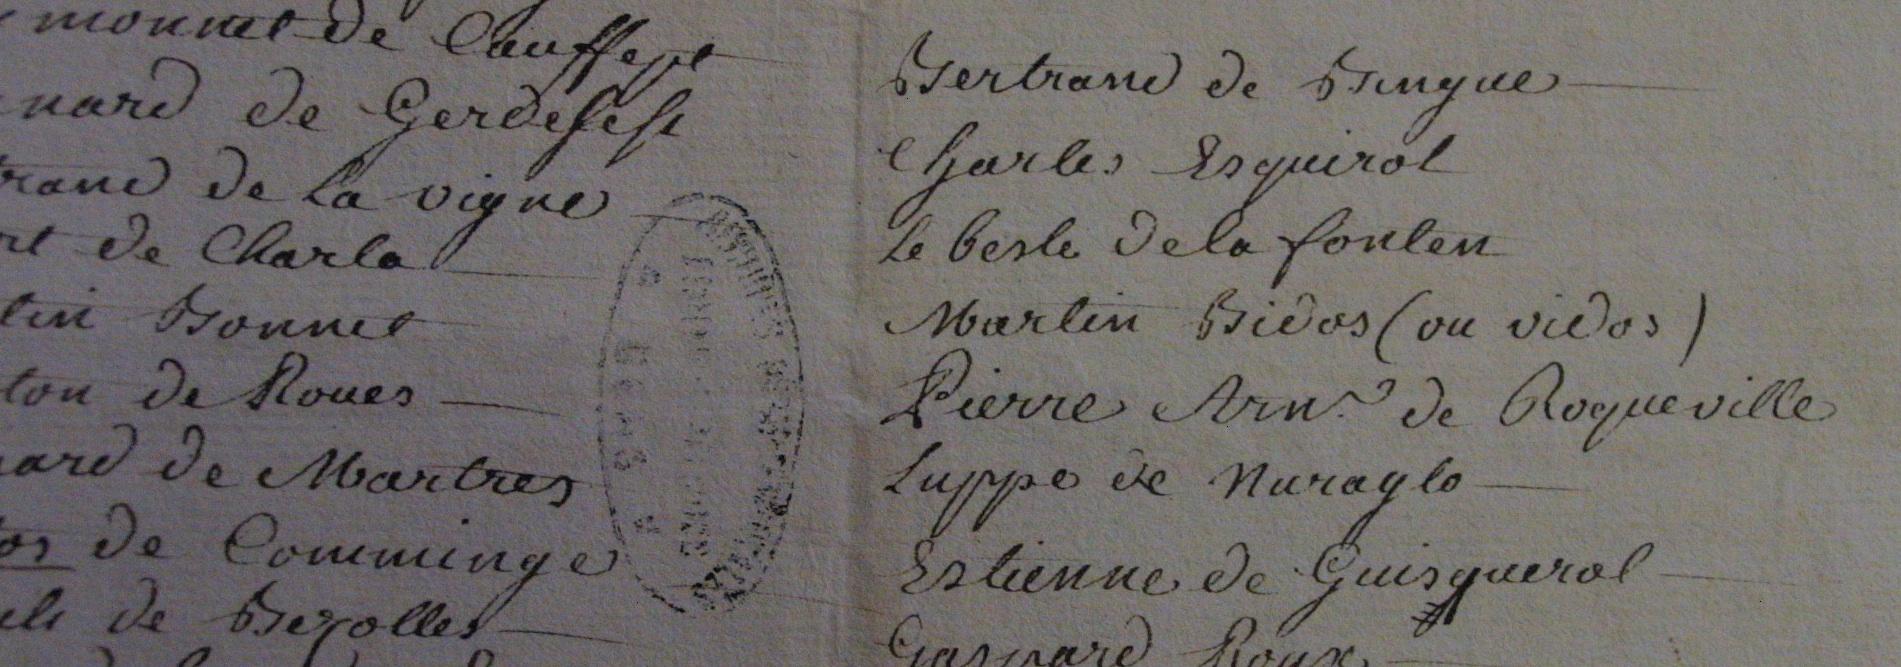 première copie de la montre conservée aux archives départementales du Gers à Auch